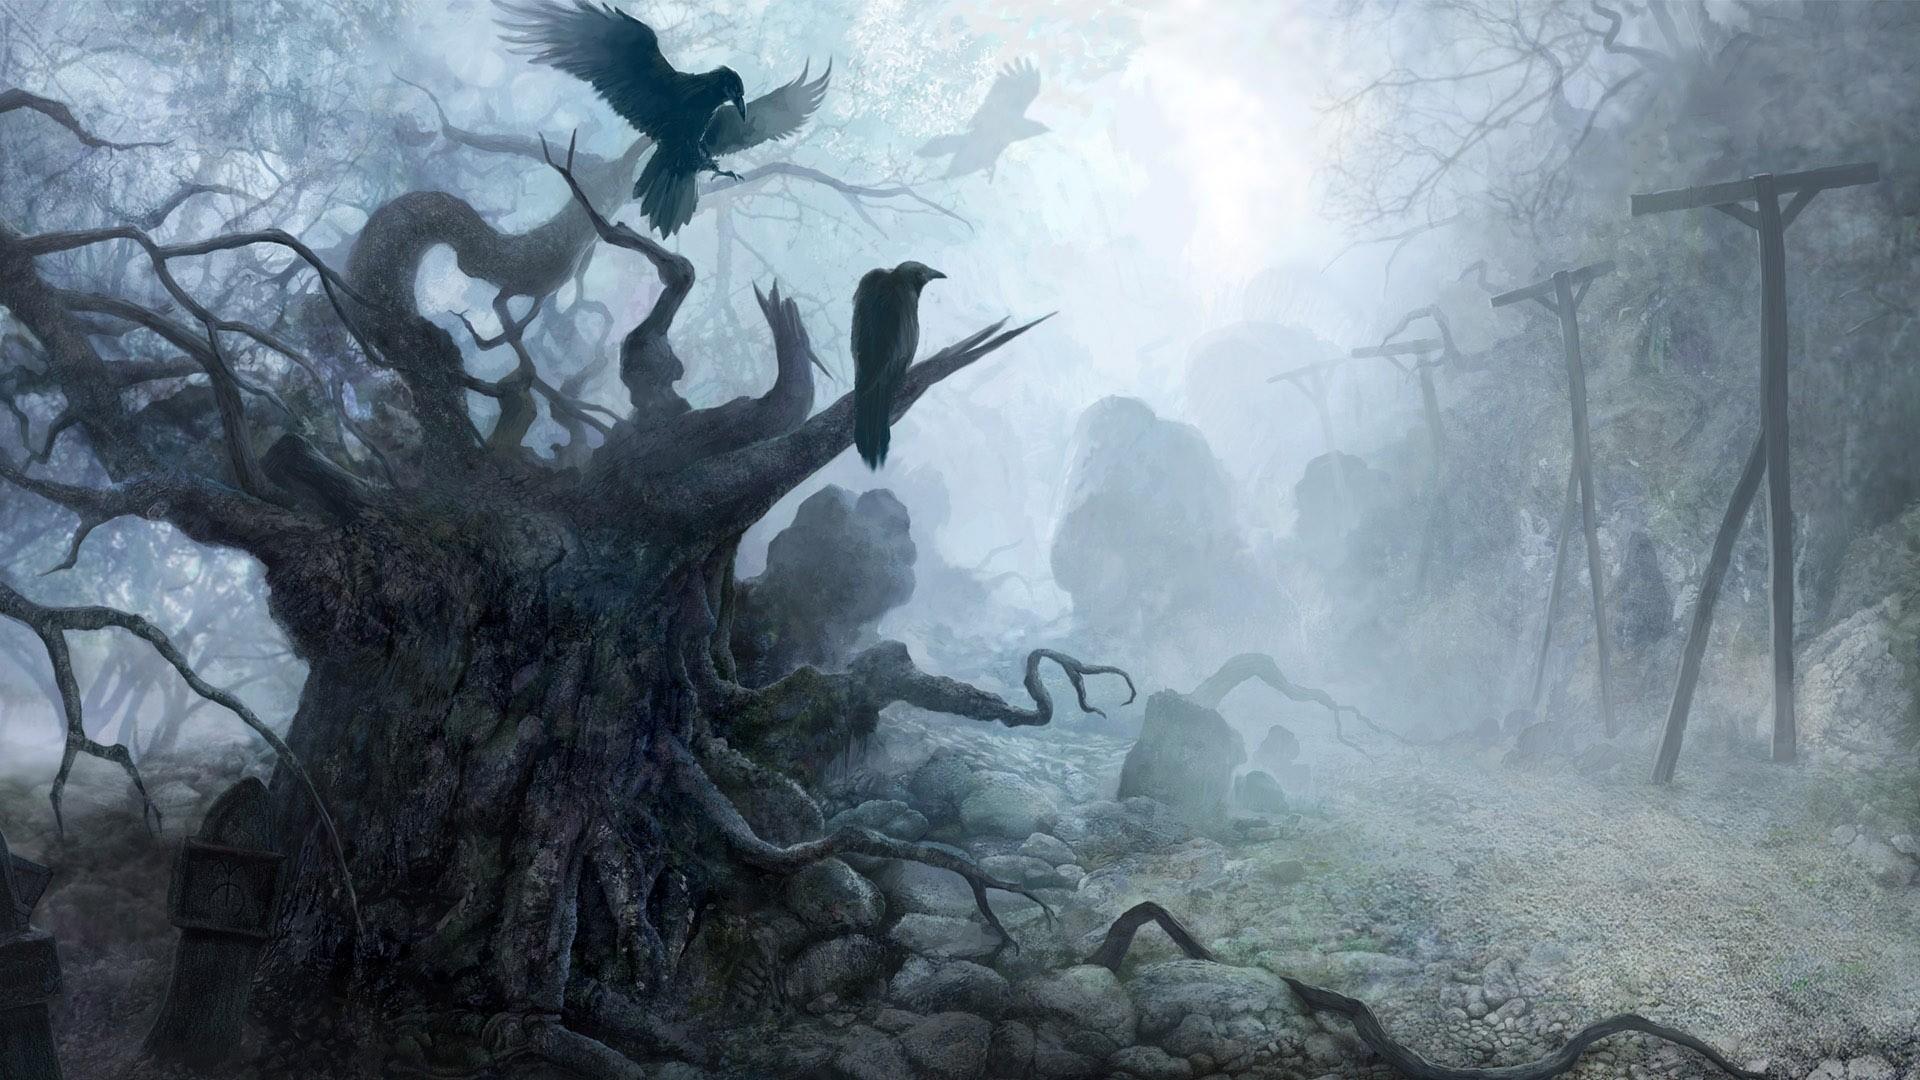 Wallpaper Forest Birds Fantasy Art Mist Raven Fog